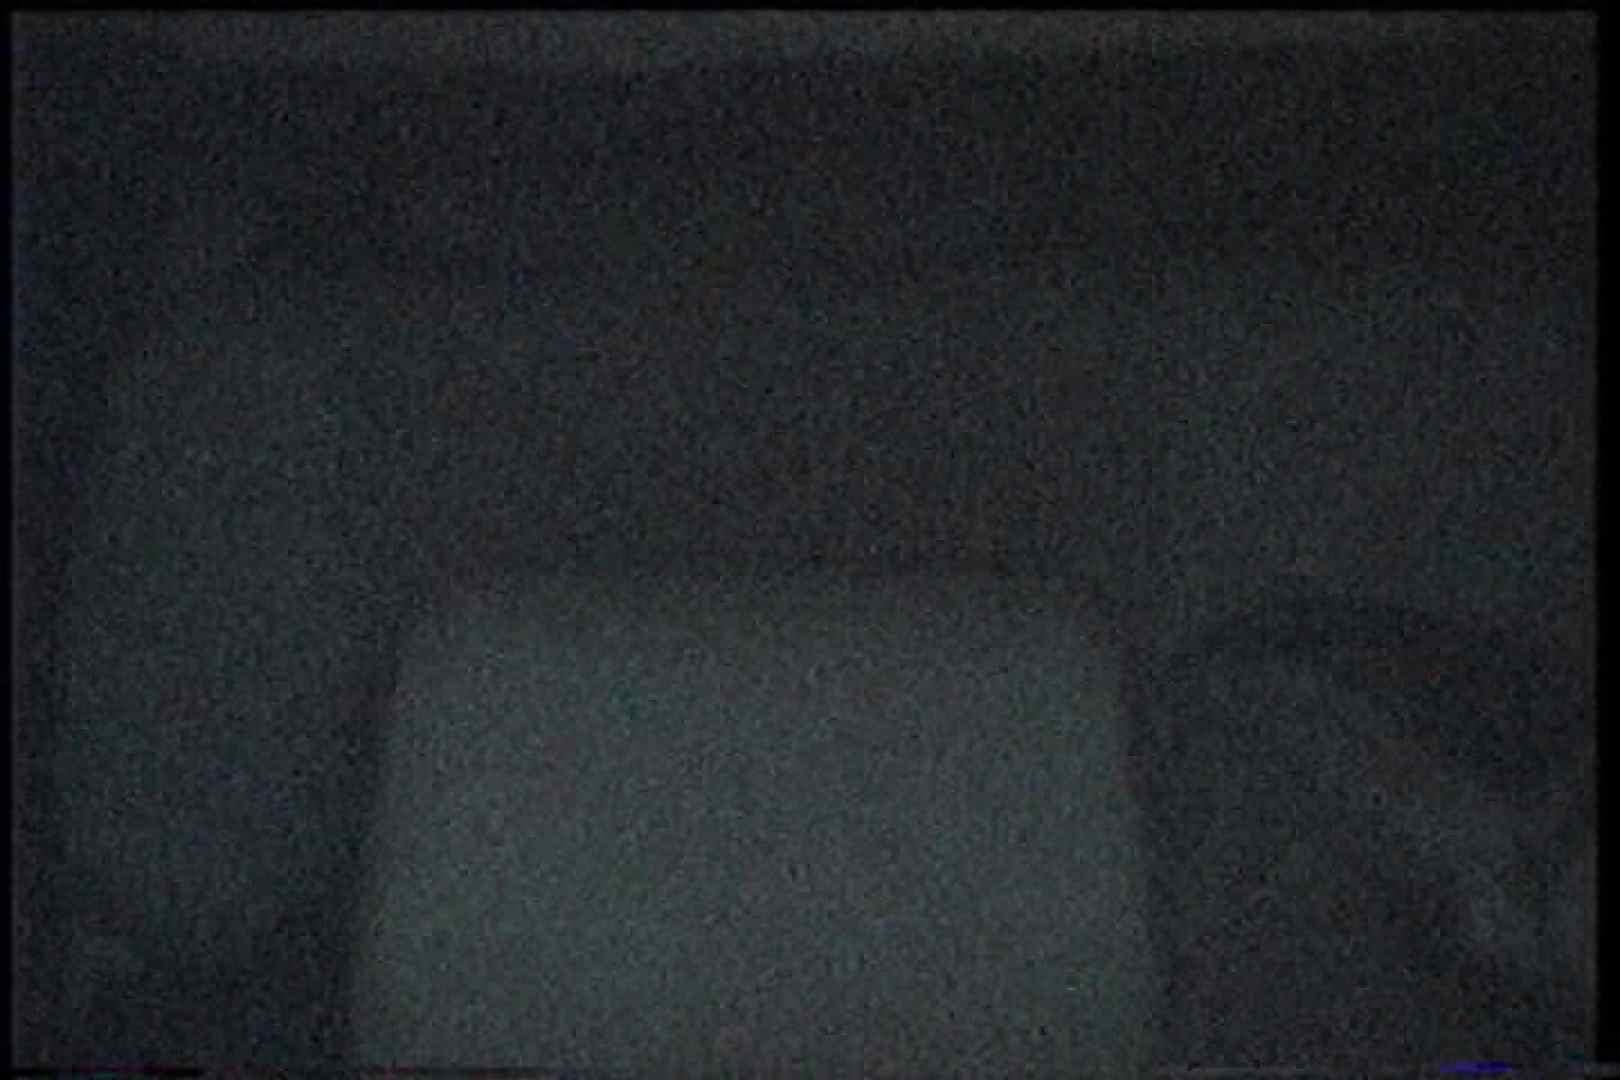 充血監督の深夜の運動会Vol.181 おまんこ無修正 AV動画キャプチャ 84画像 83